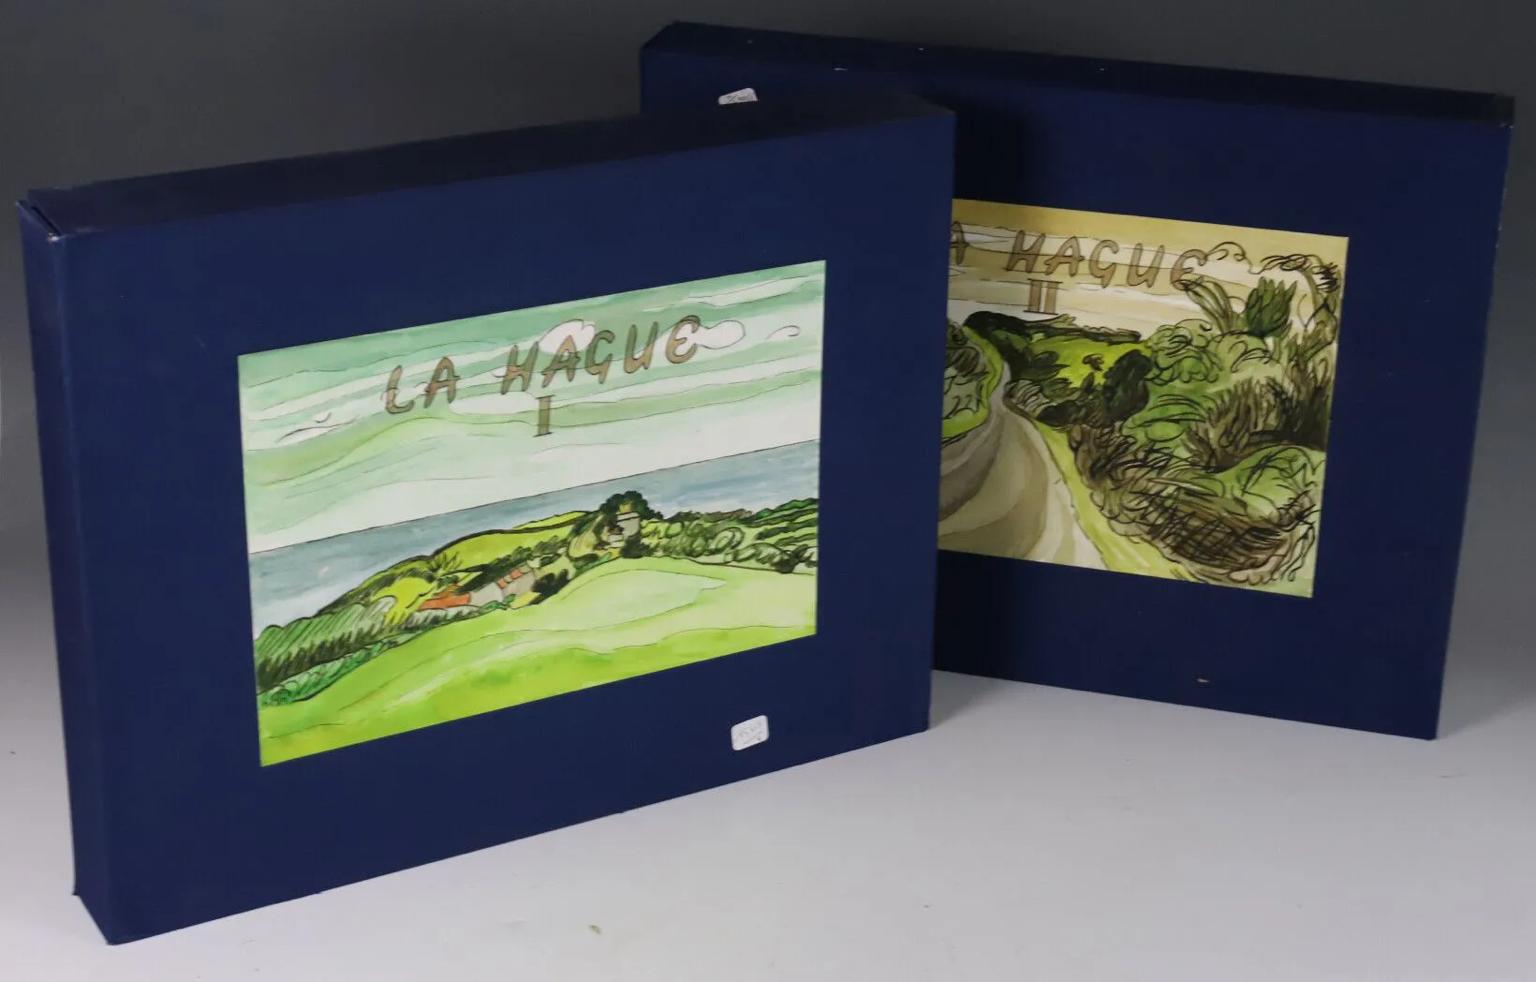 9 mai 2021 - quelques résultats de la vente des artistes normands à l'hôtel des ventes de Bayeux